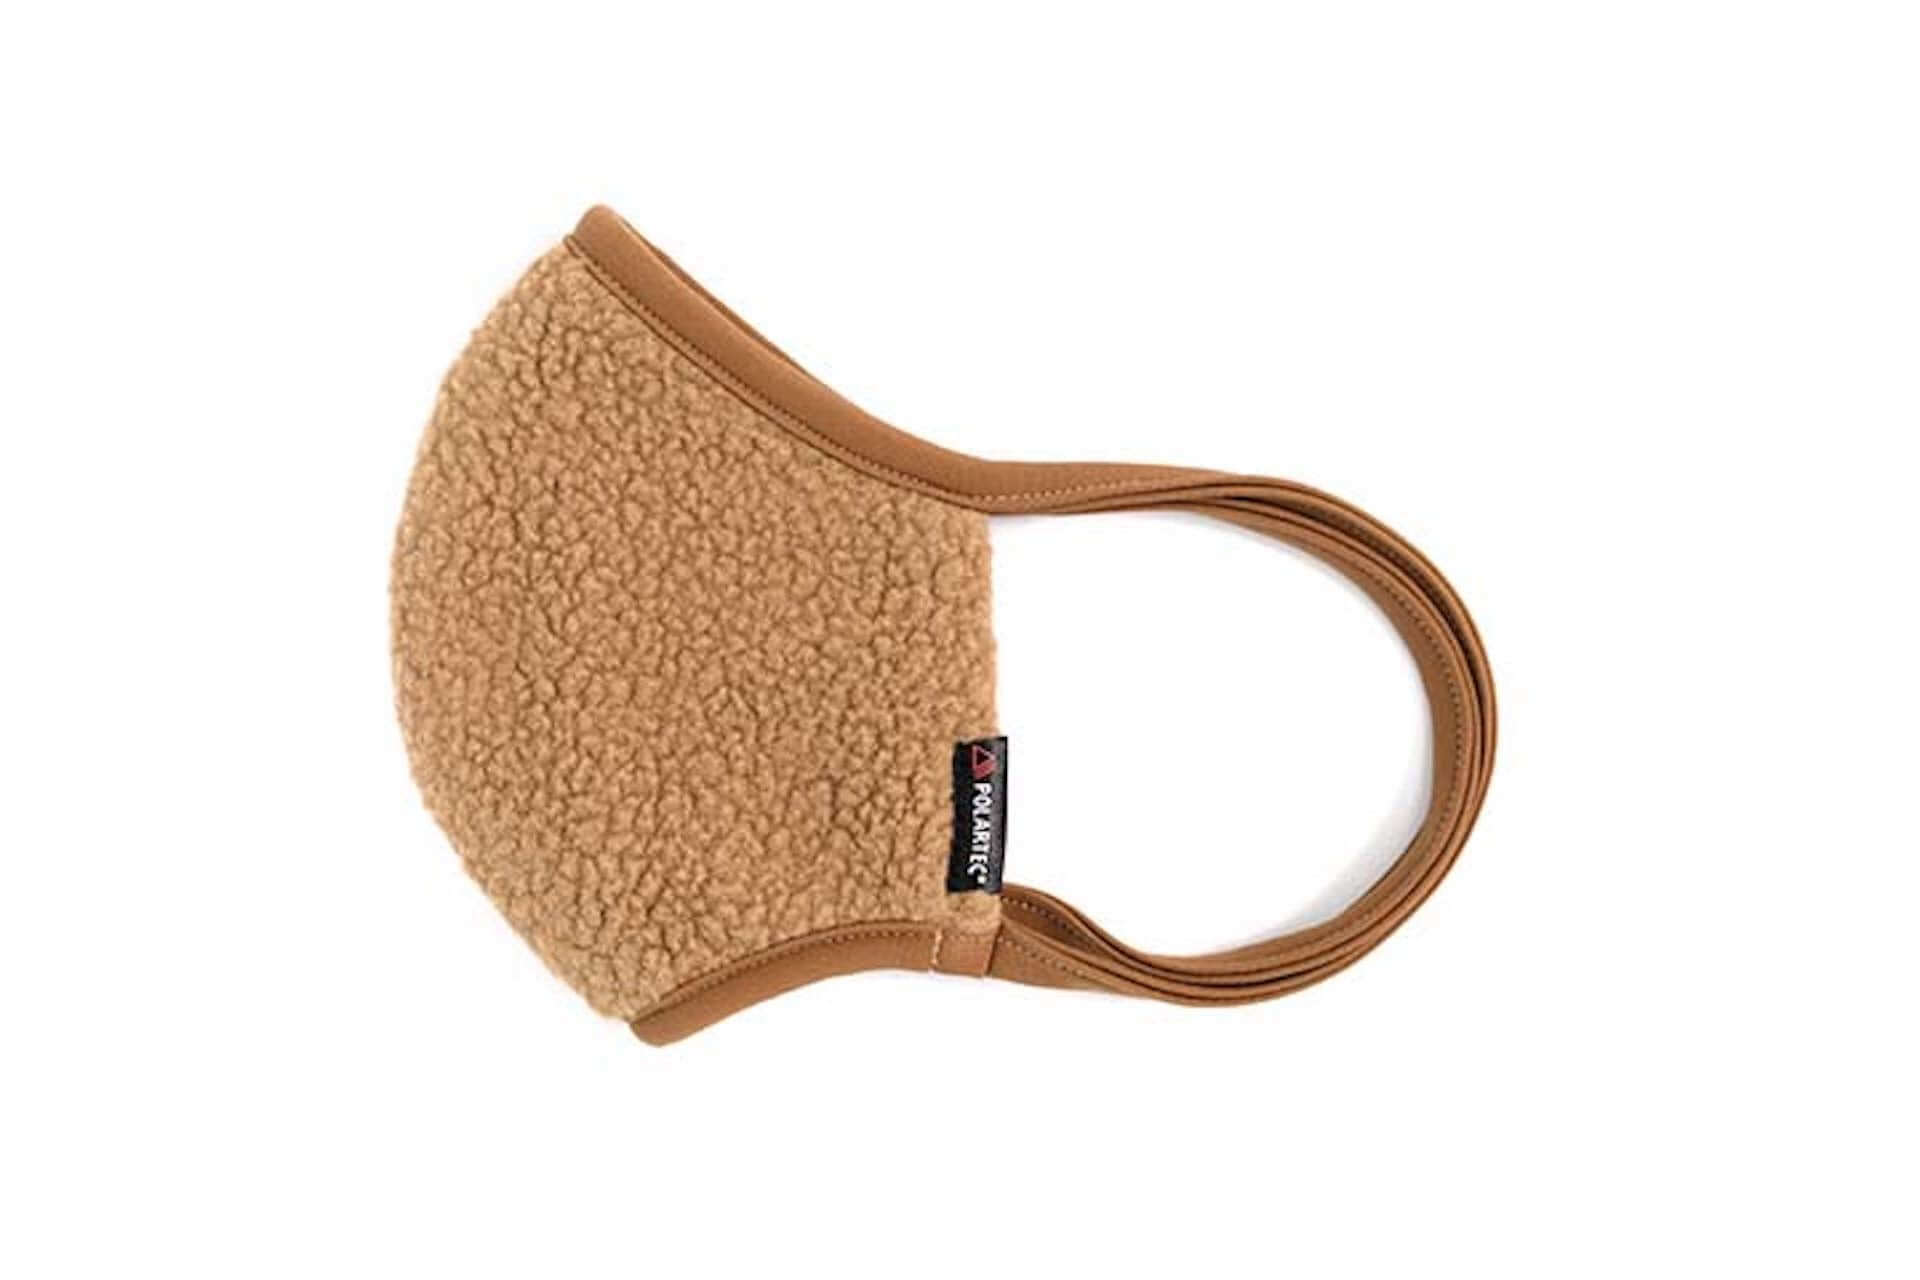 真冬のコーディネートにもおすすめ!「POLARTEC(R)」のボアフリースを使用したマスクが発売 lf210112_fleecemask_5-1920x1280